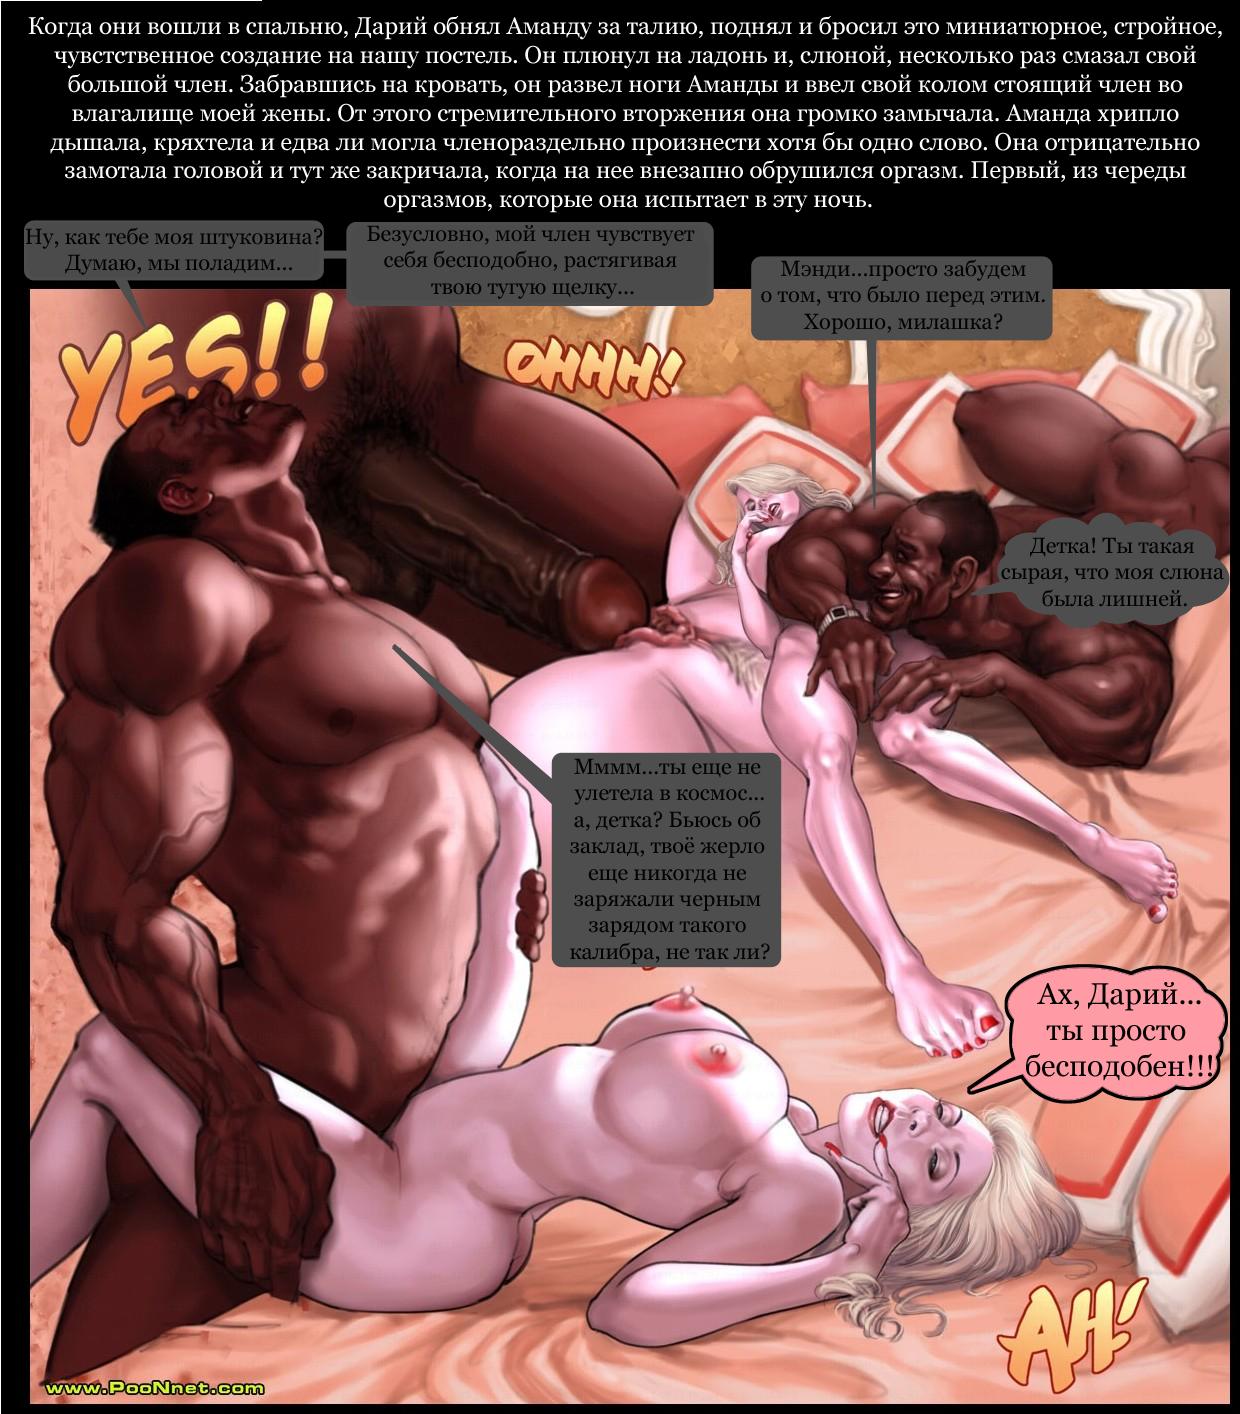 Читать онлайн порно комиксы про аманду 21 фотография